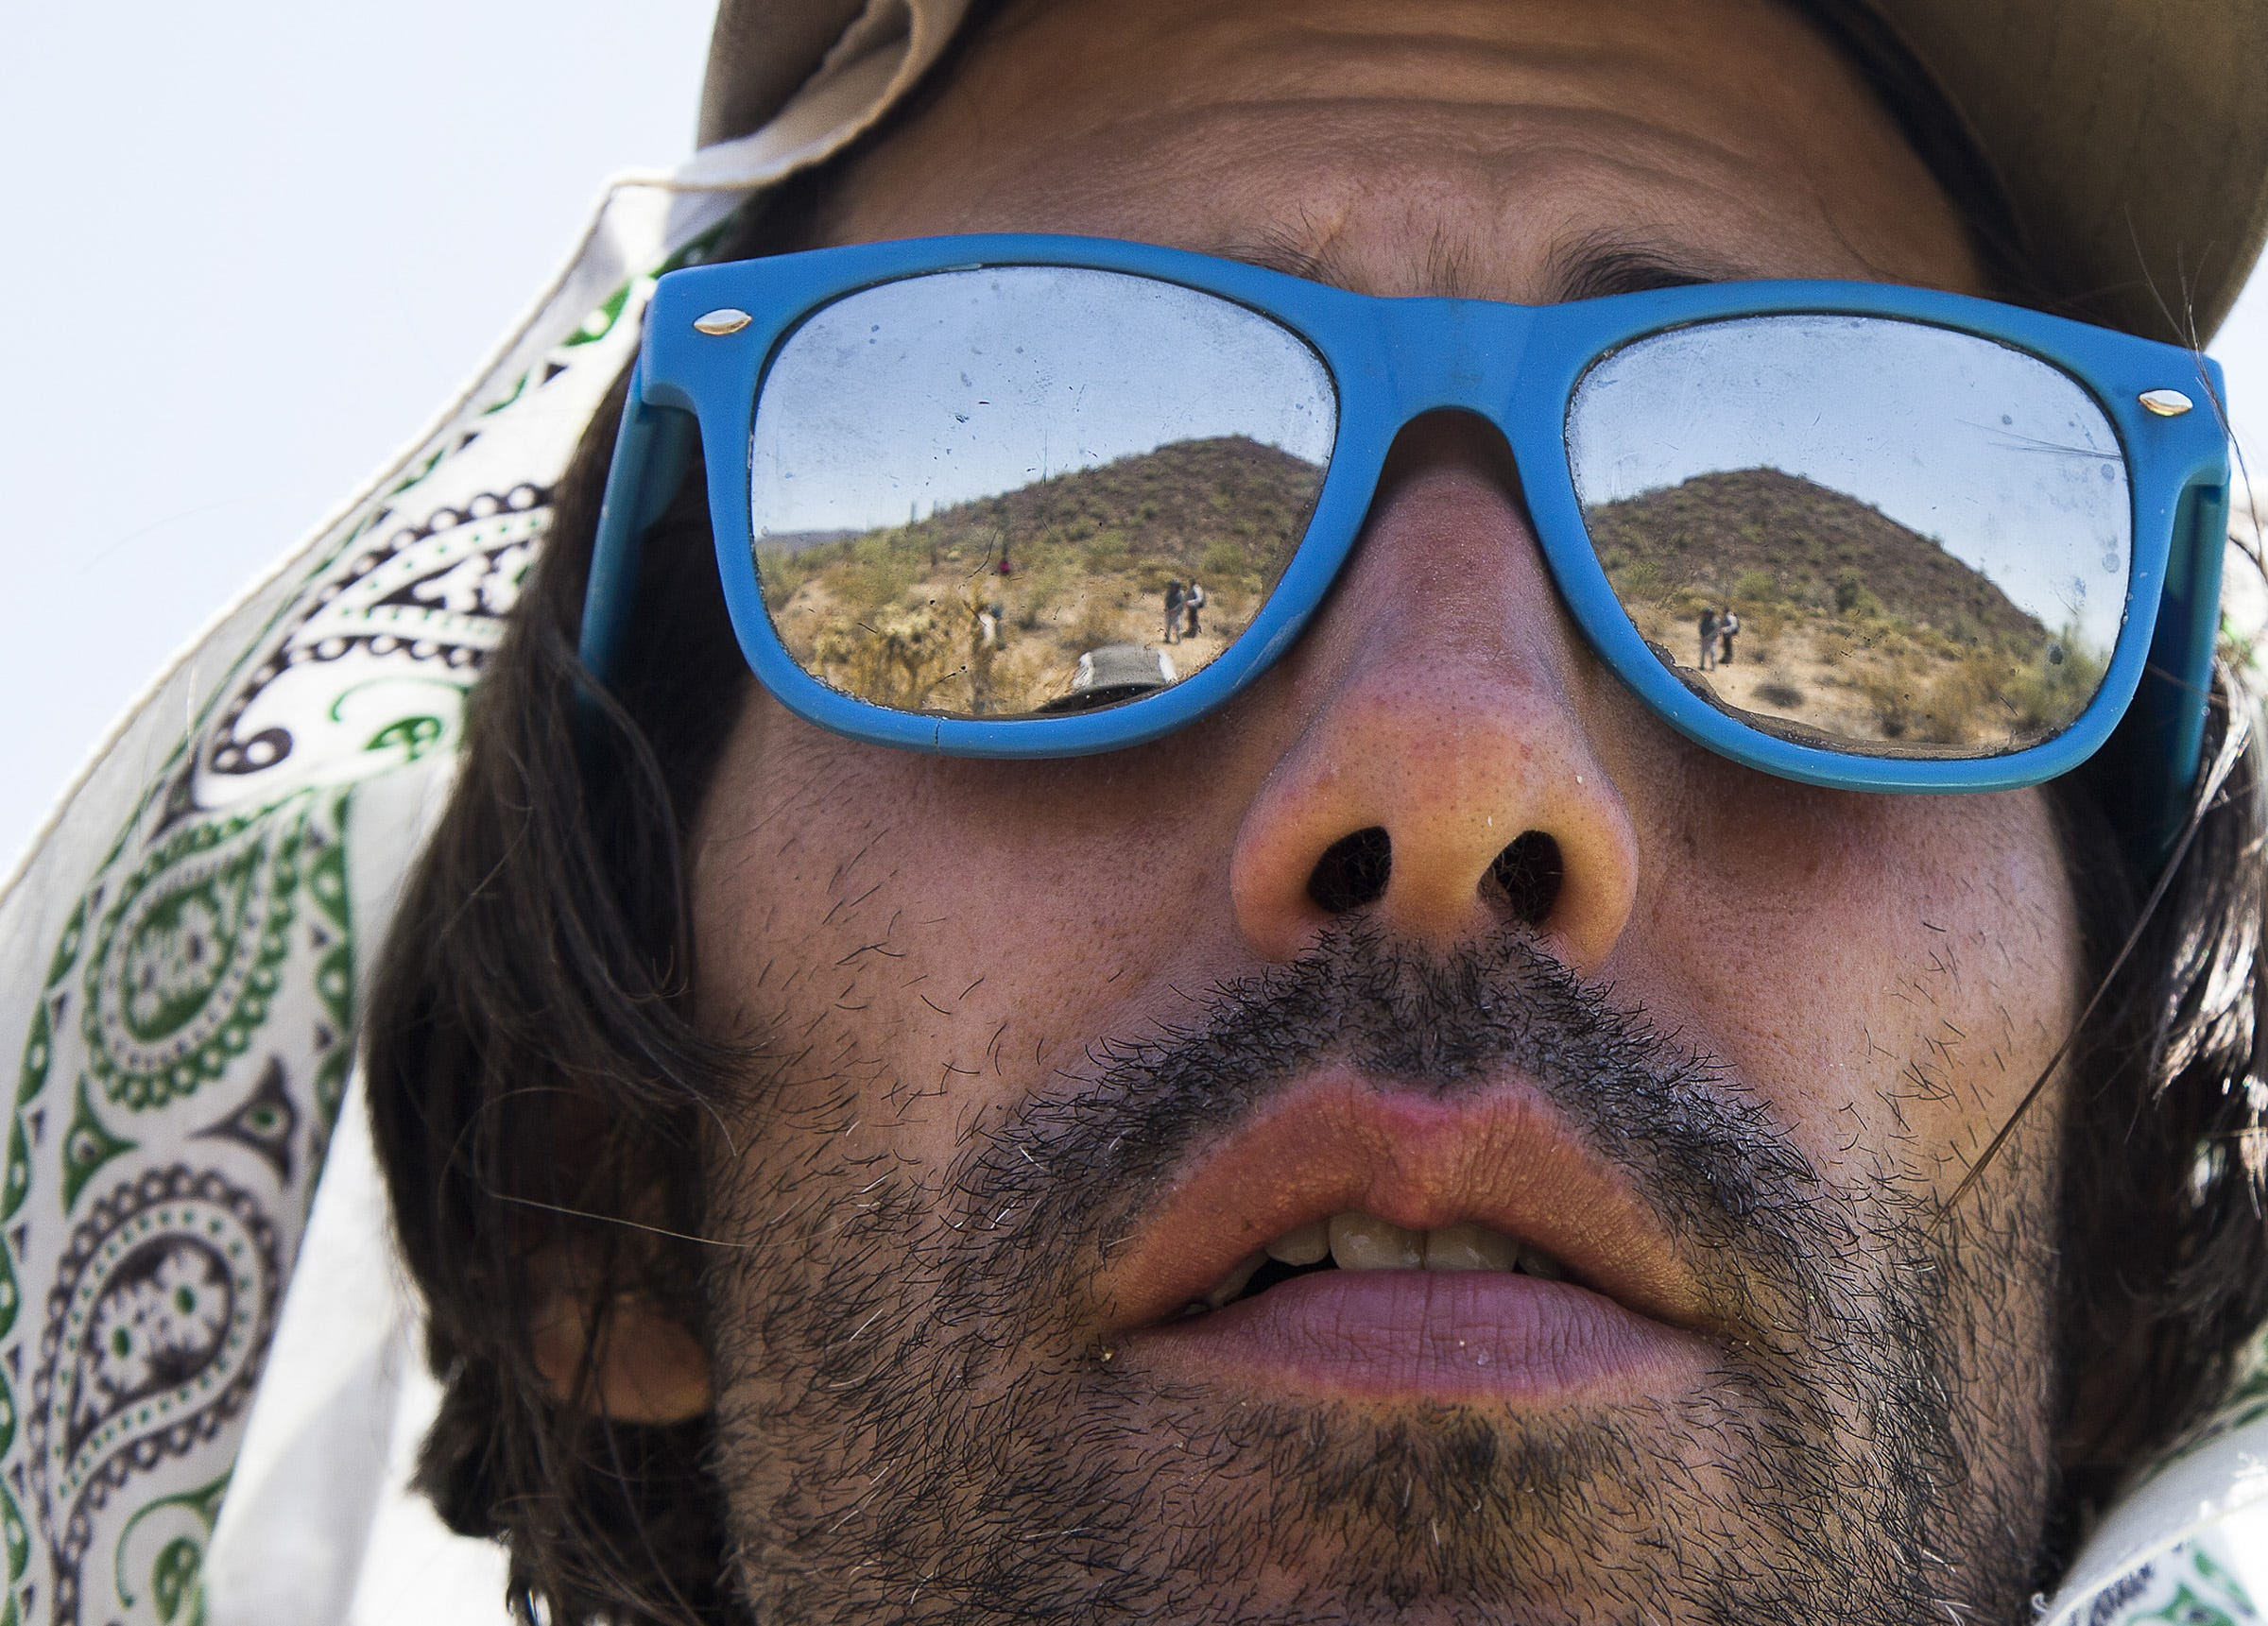 foto Enjuician a activista de EU por dar agua, alimento y alojamiento a migrantes